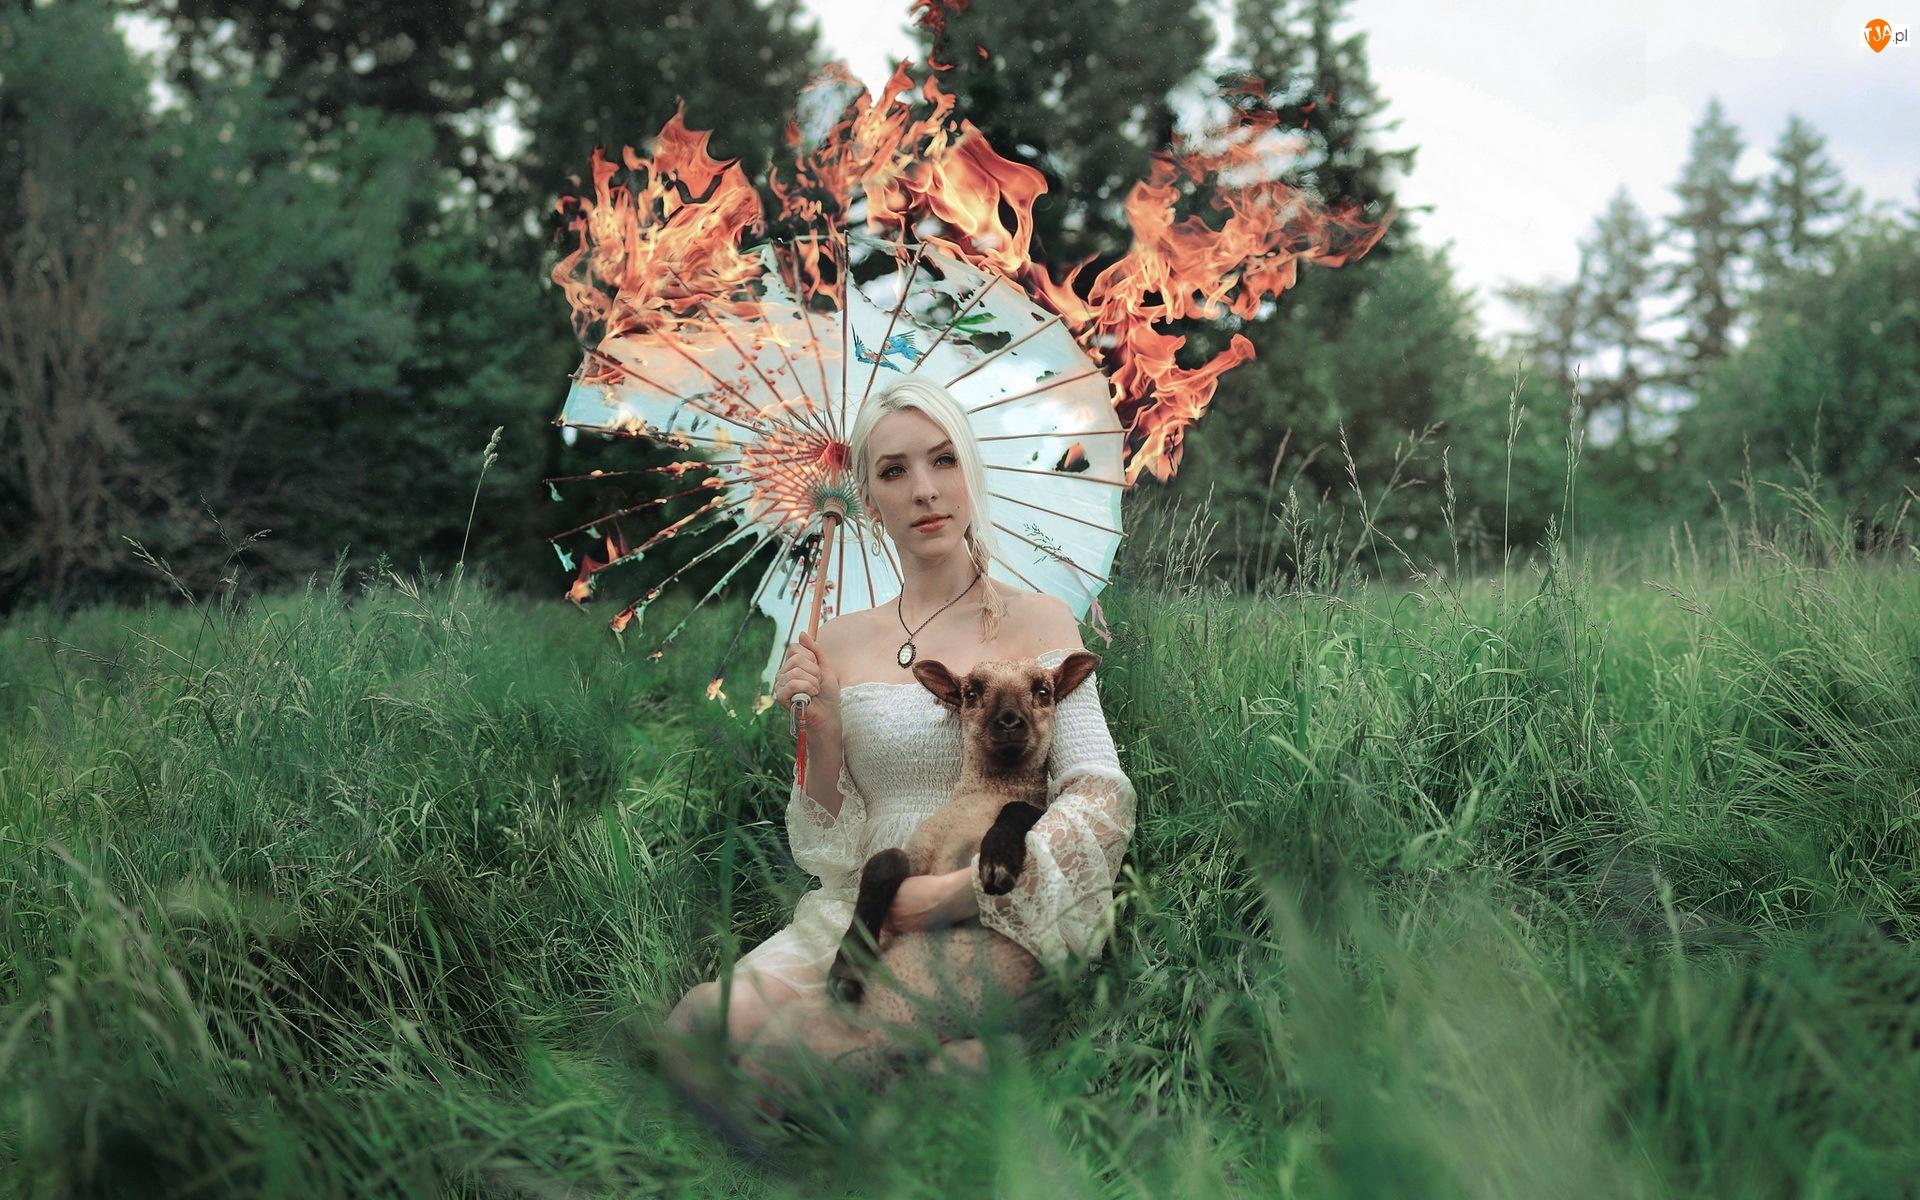 Owieczka, Parasol, Kobieta, Trawy, Blondynka, Płonący